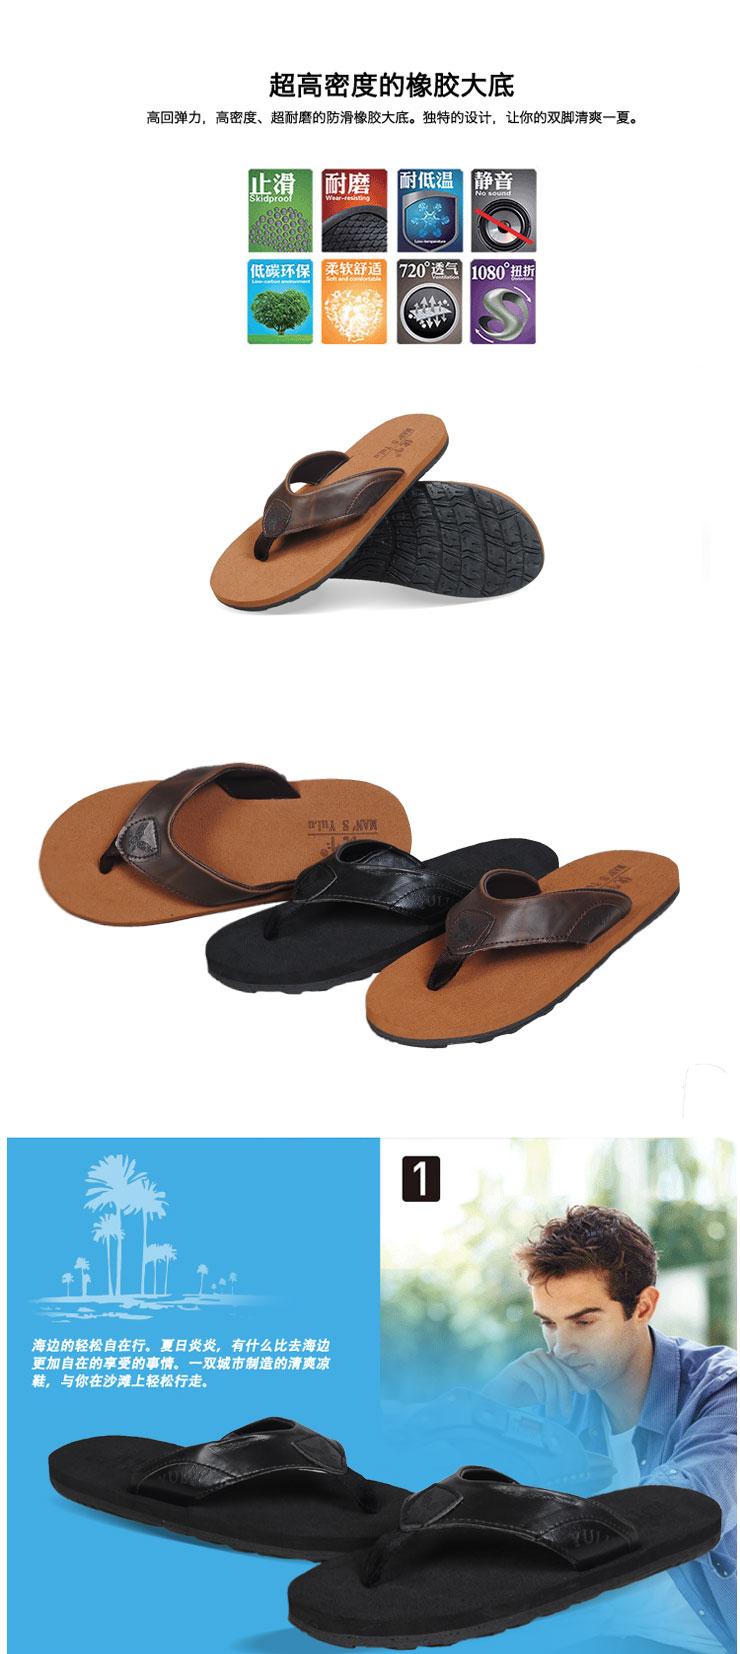 夏季潮拖人字拖鞋子男士沙滩鞋2013新款夏天防滑潮流潮男拖高清图片